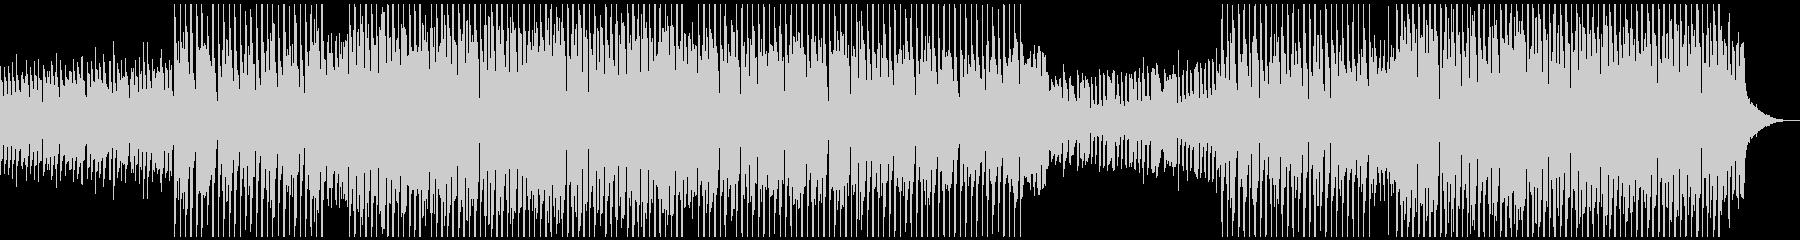 アップビートダンスの未再生の波形